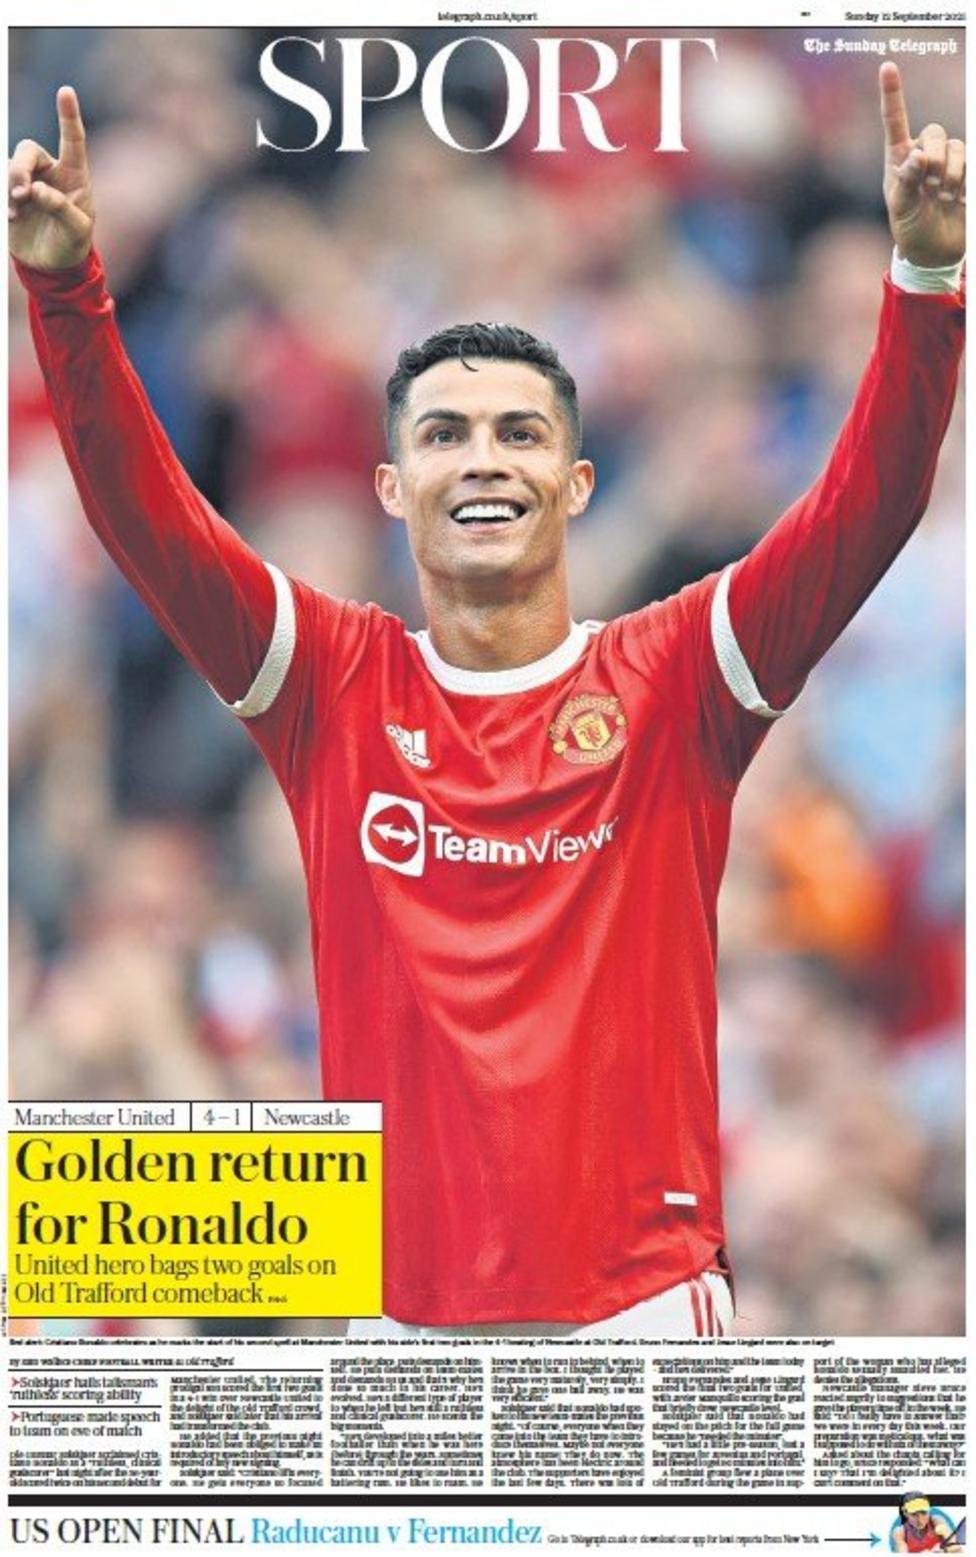 Football Newspaper Headlines: Golden Return for Ronaldo